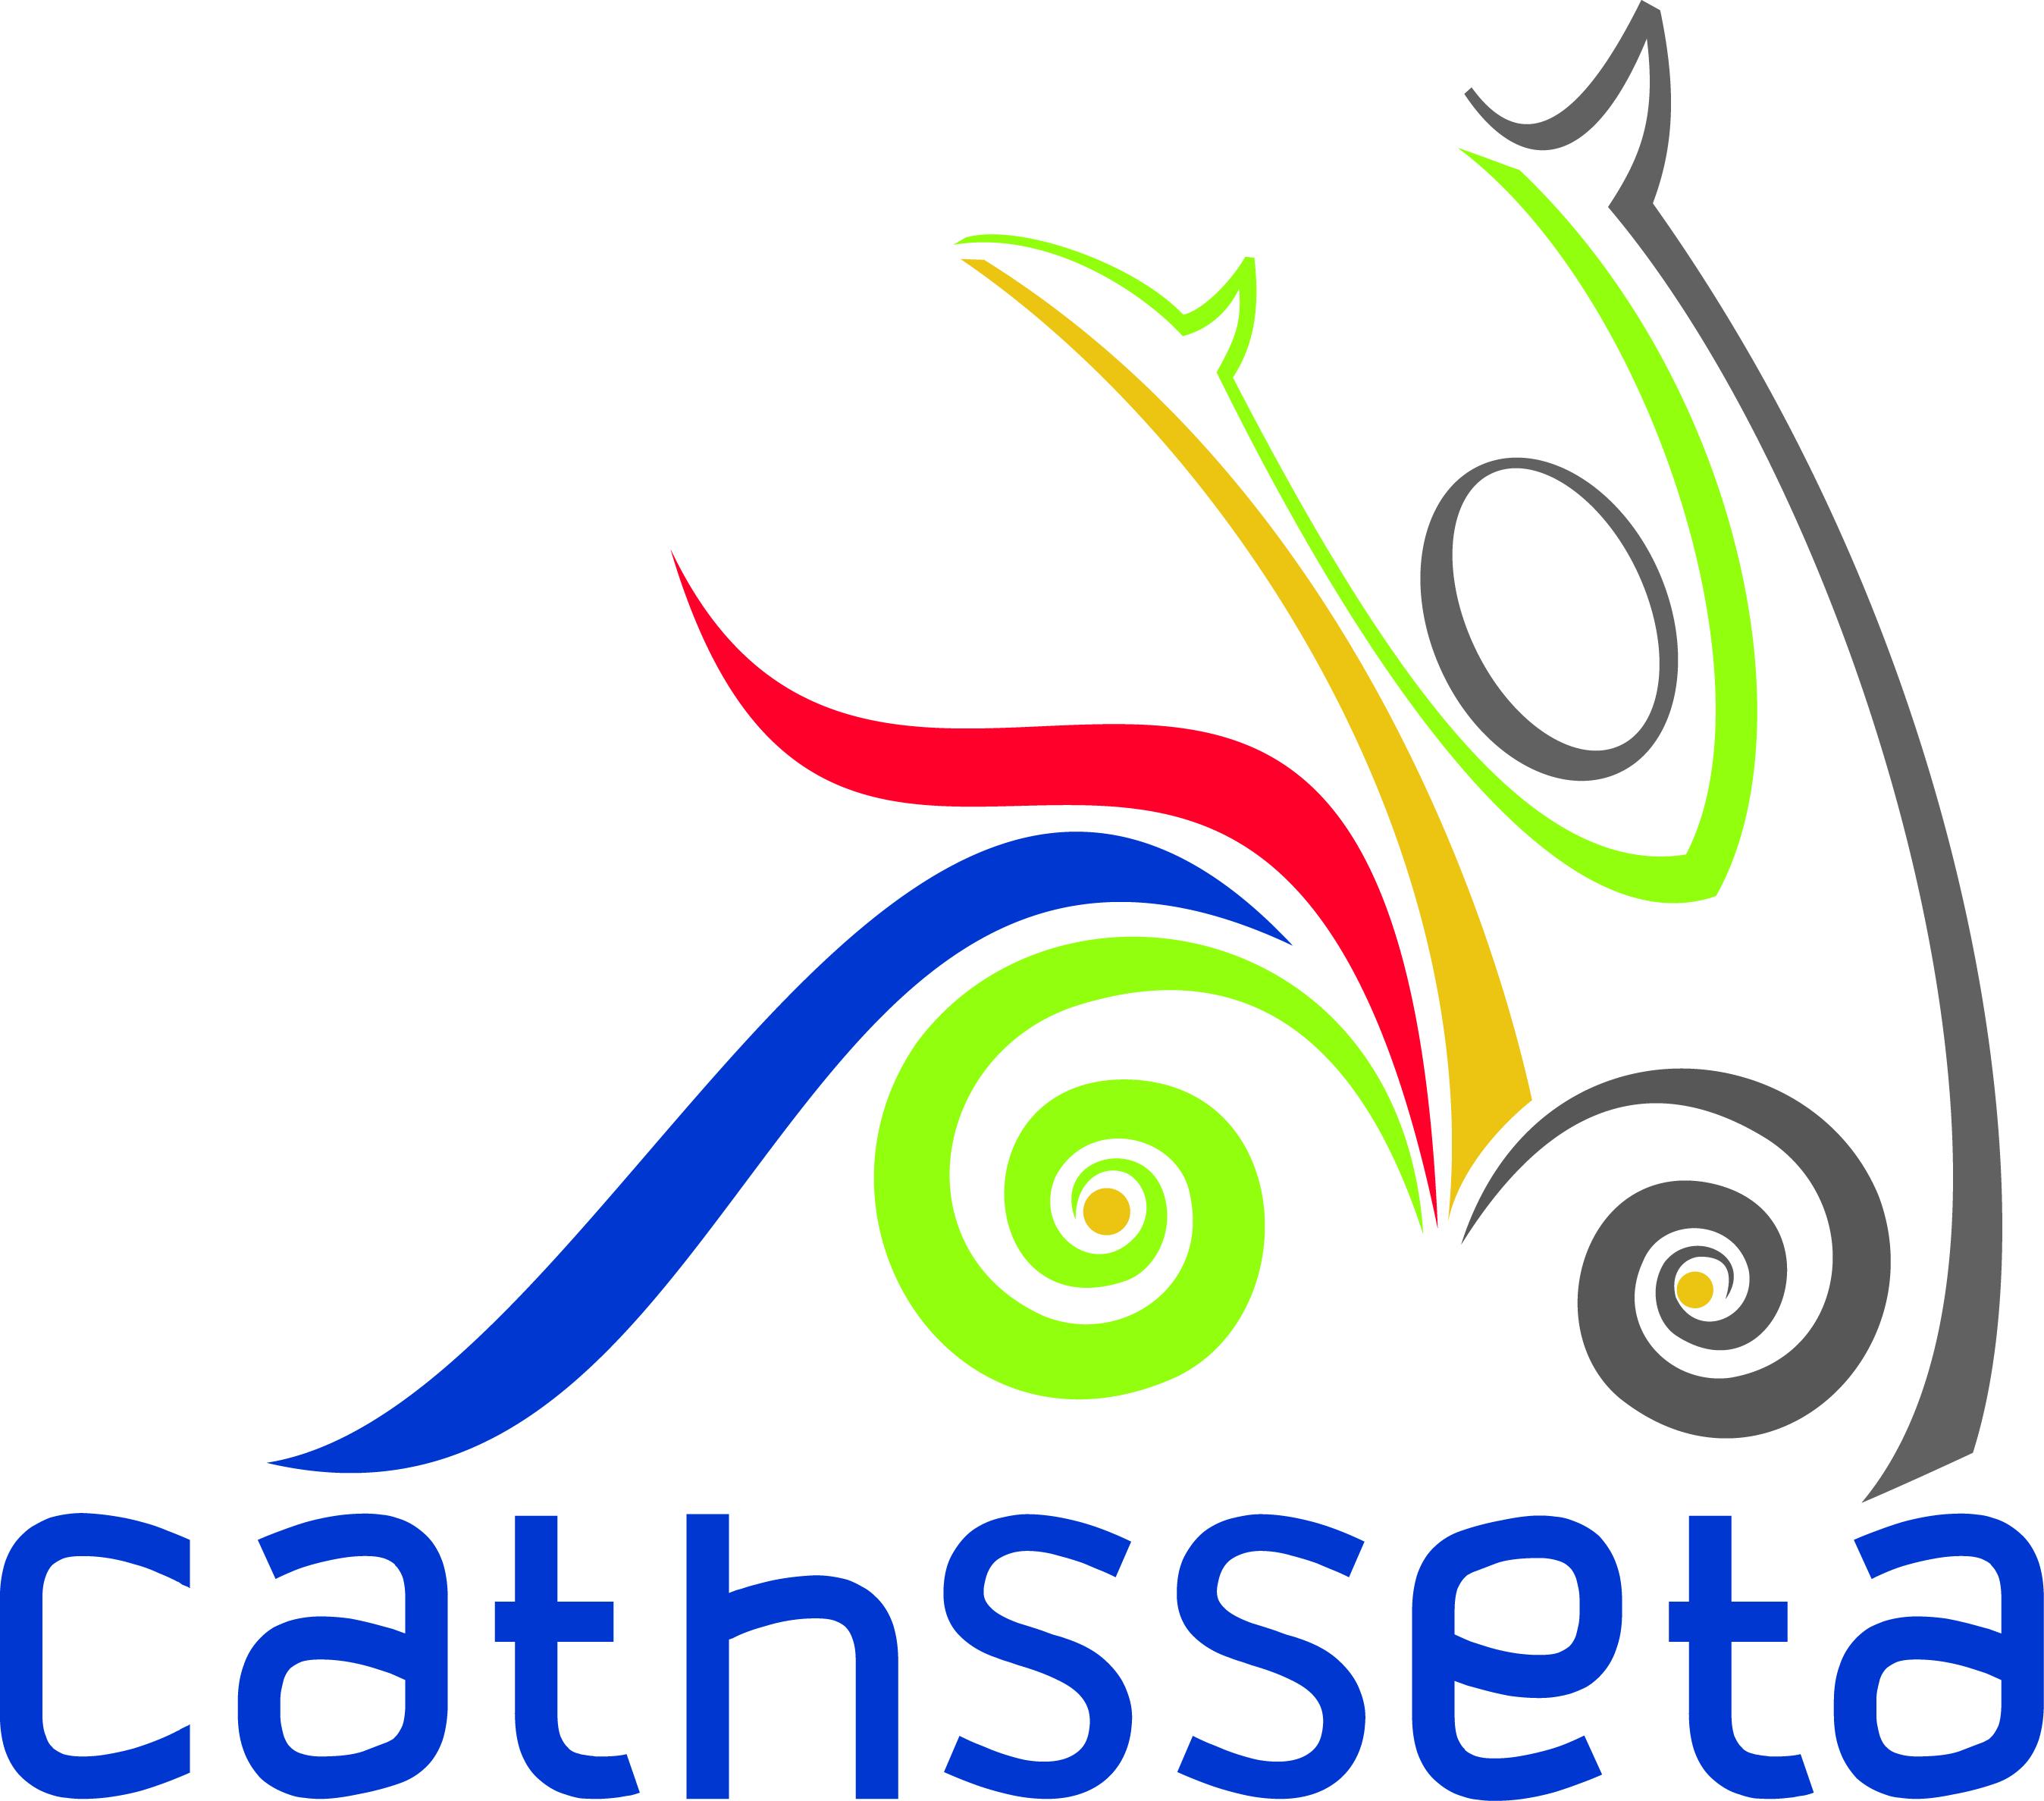 cathsseta logo